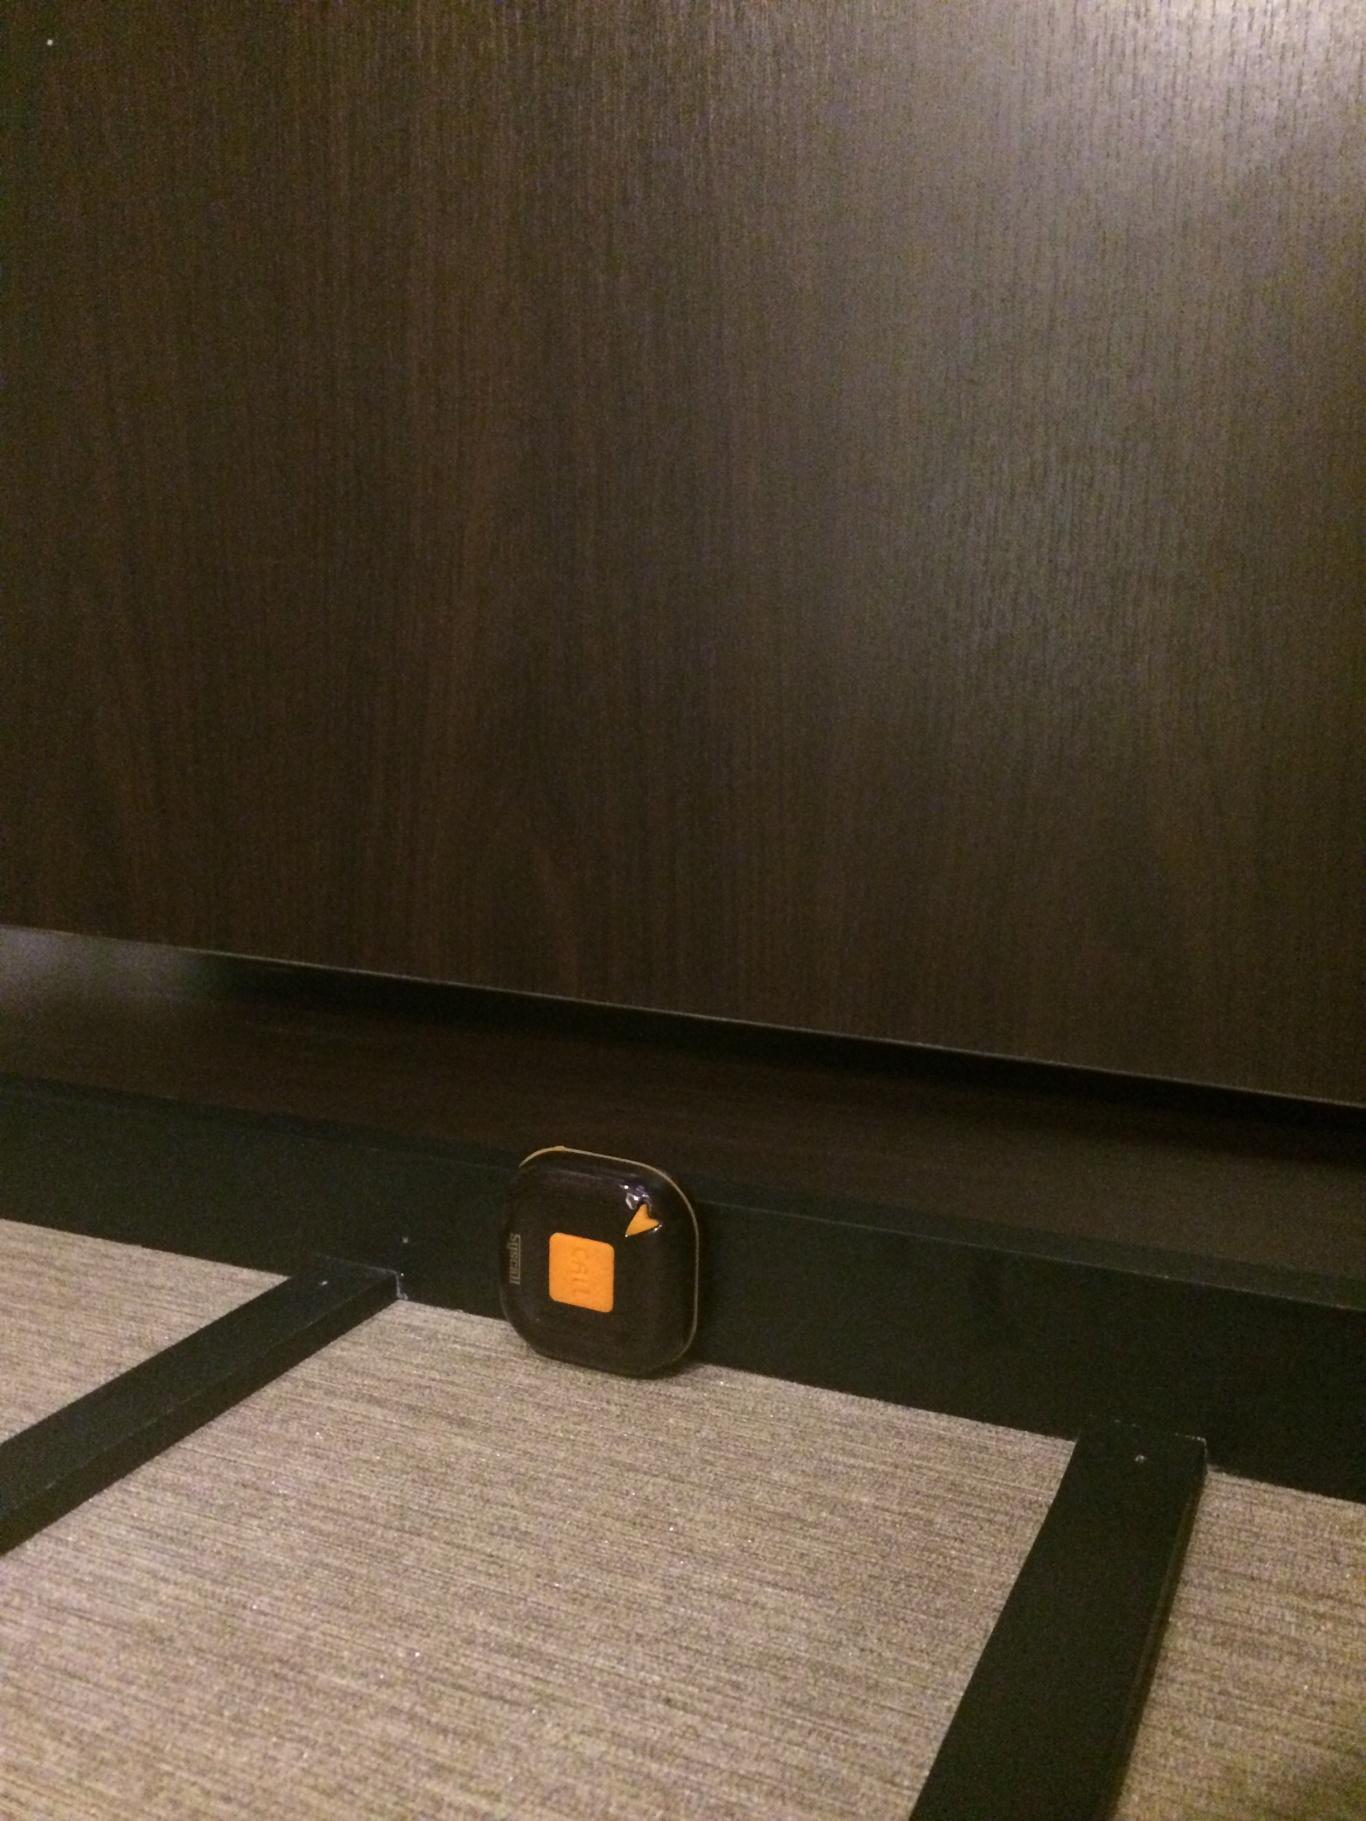 nút chuông gọi phục vụ ST-100 gắn tại từng bàn của nhà hàng Hàn Quốc Yeol Kwang